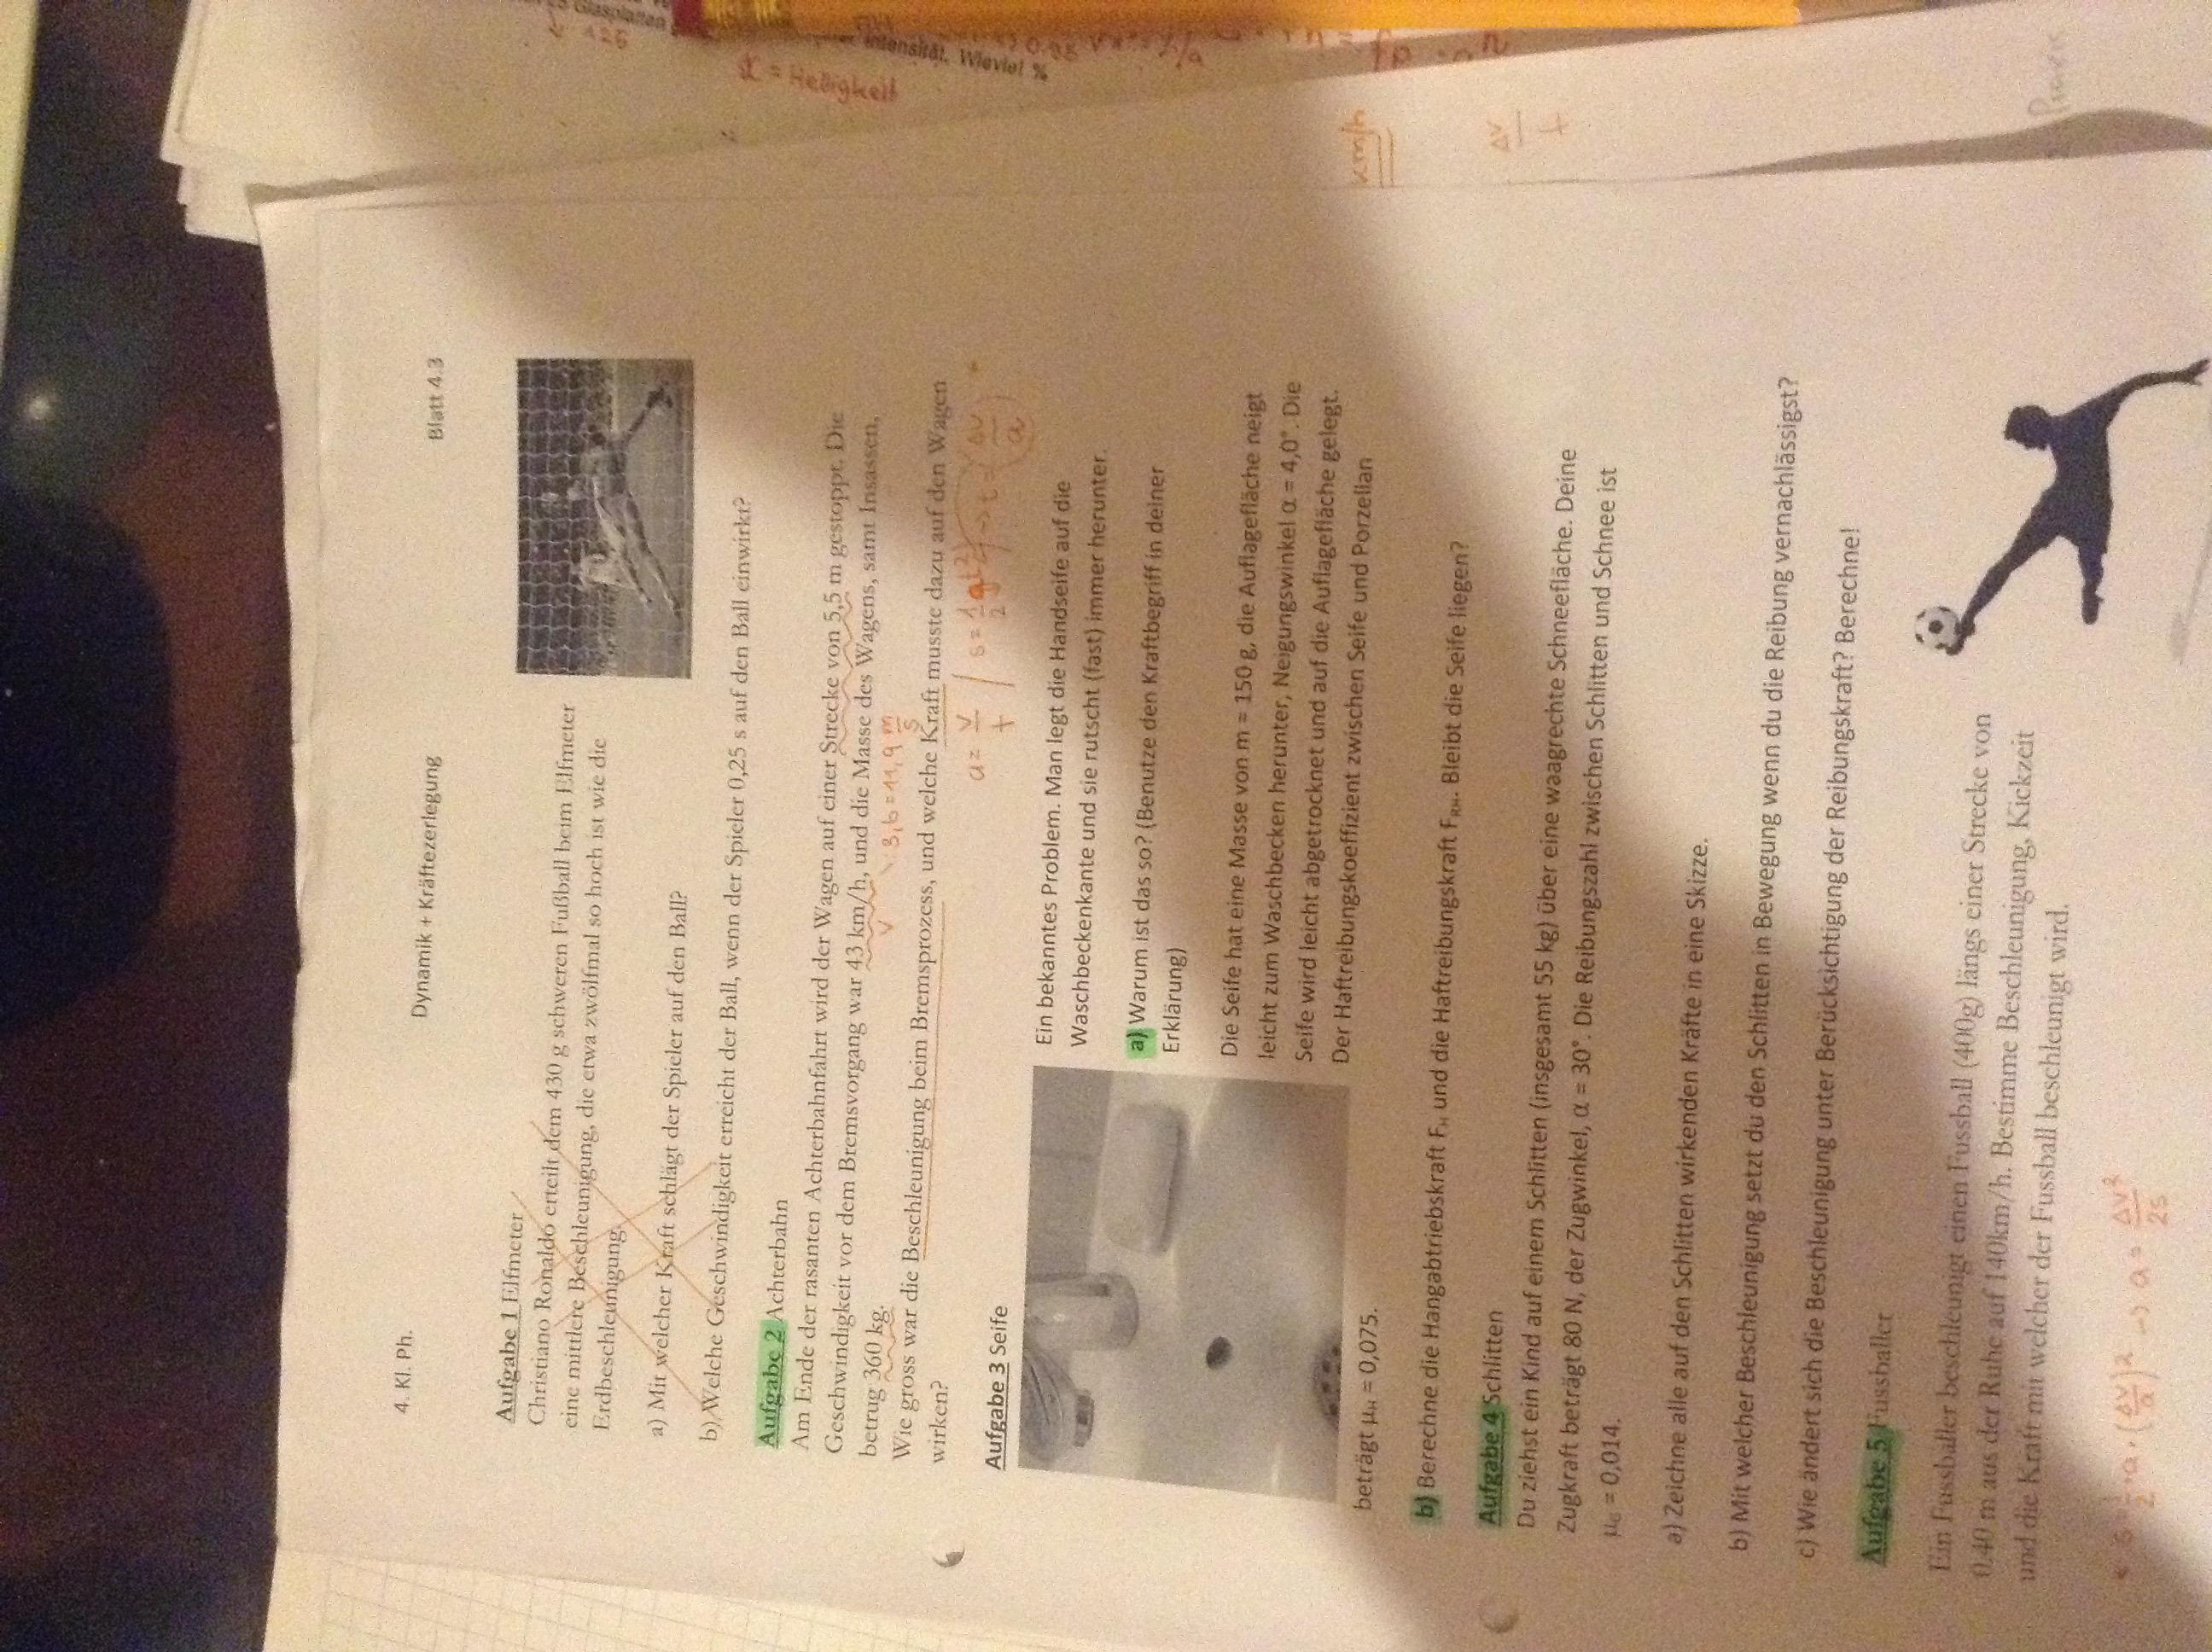 Brauche Hilfe bei diesen Physikaufgaben, kann jemand helfen? (Schule ...